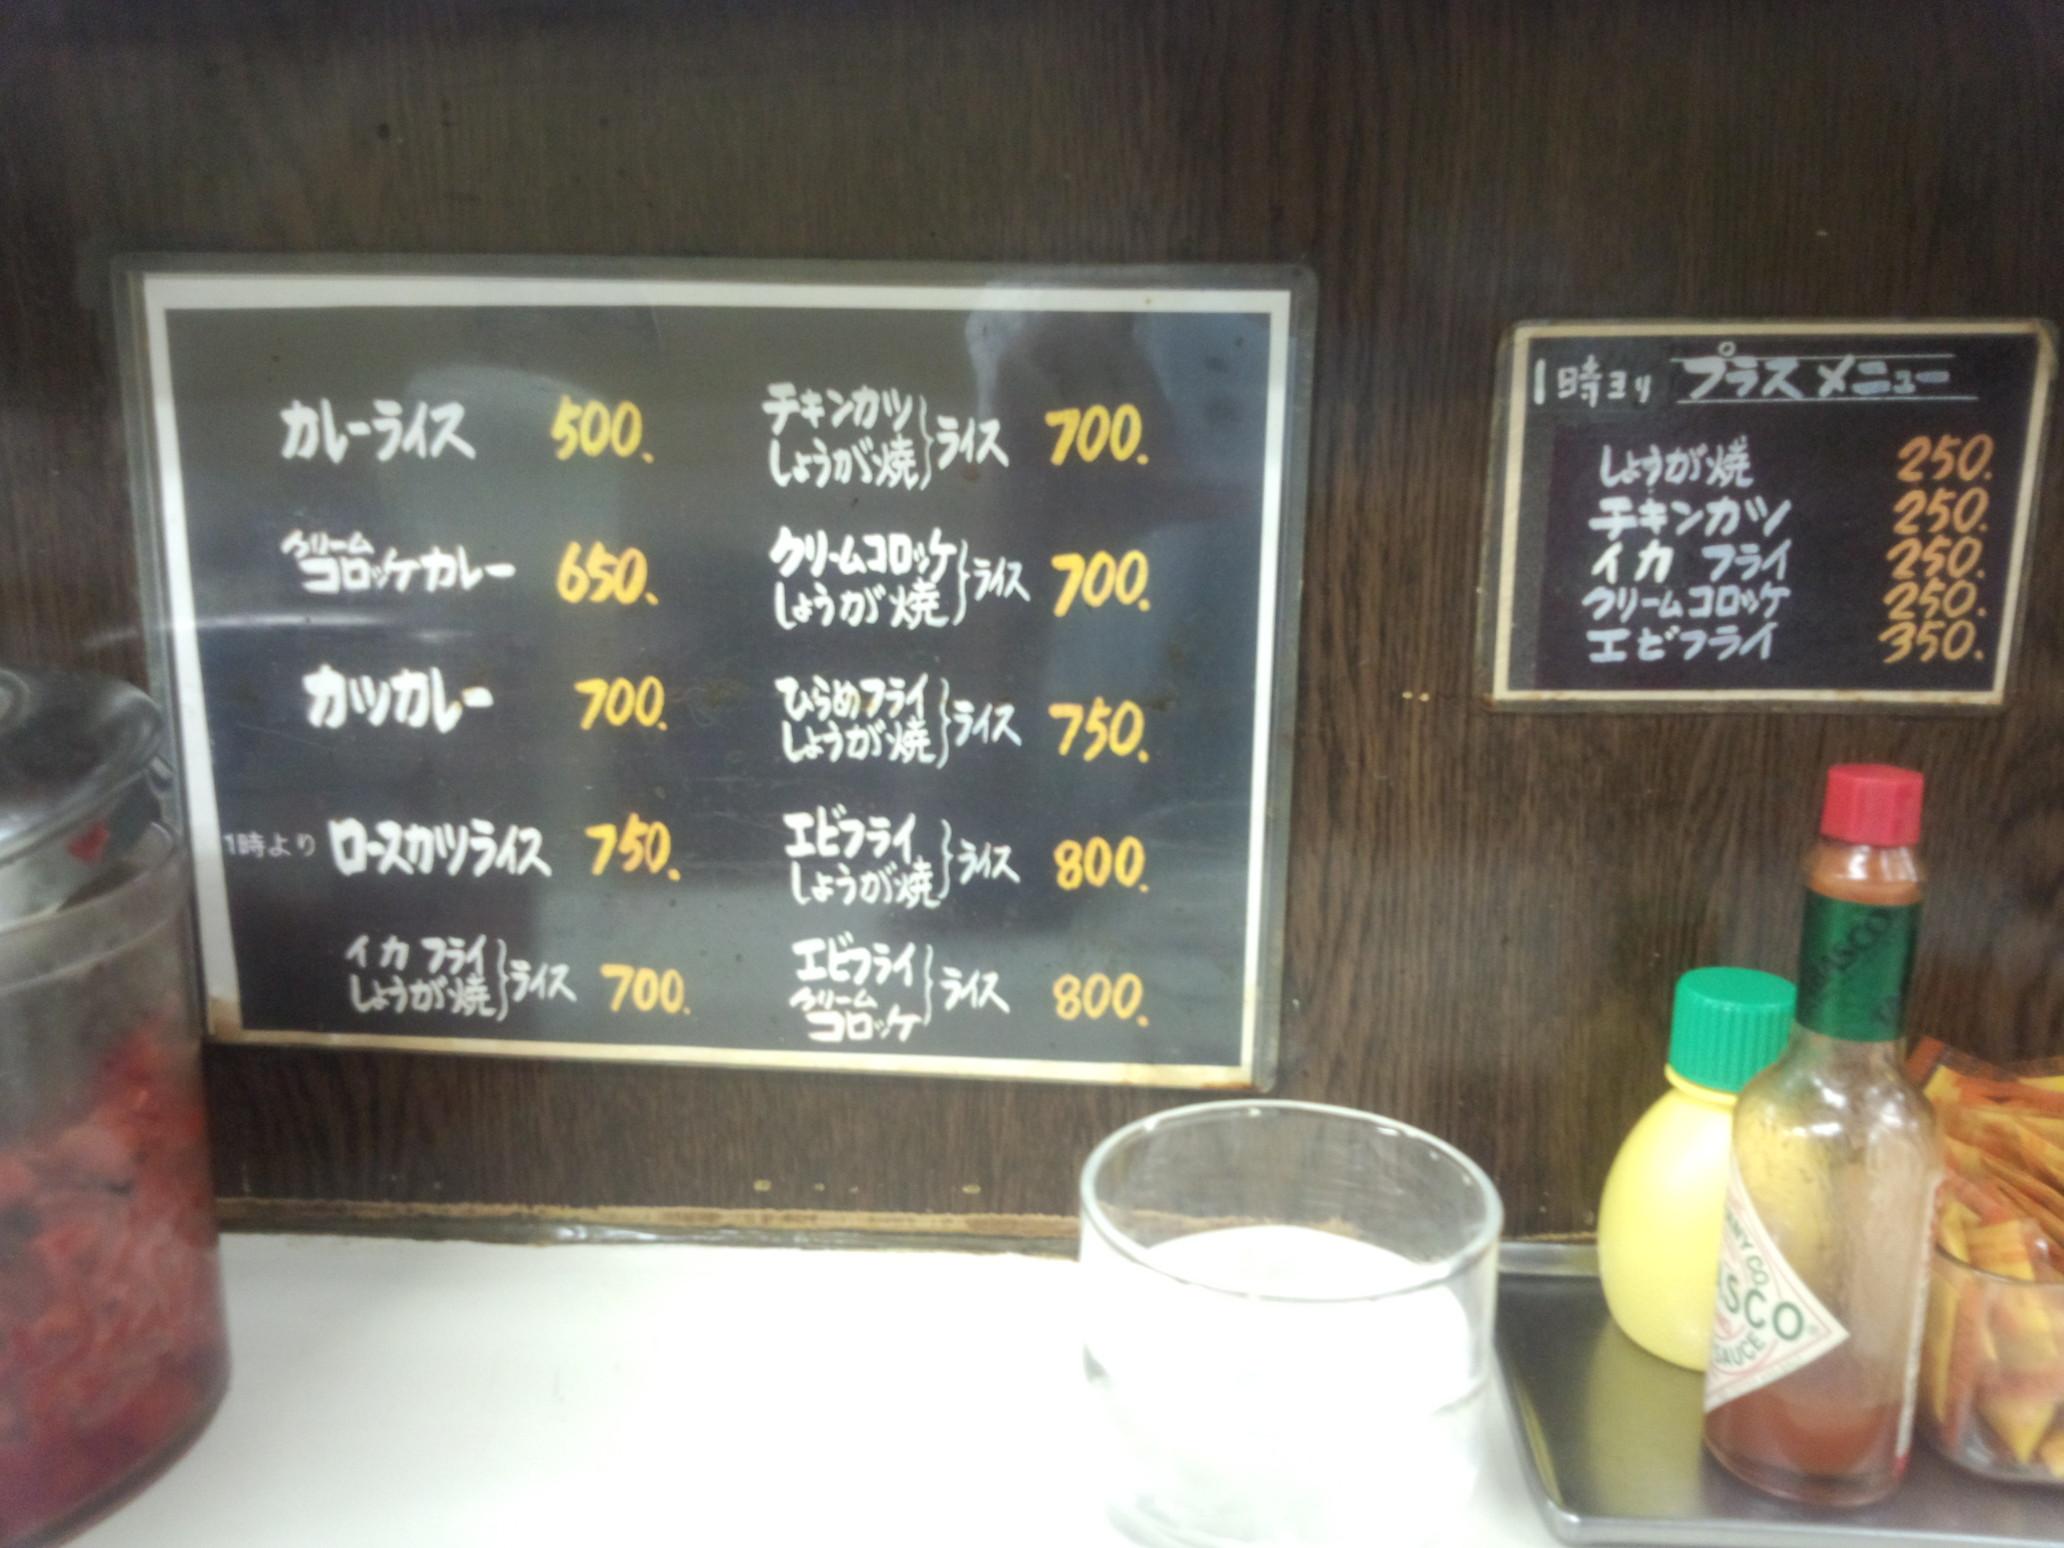 キッチン キッチン南海神保町店 : キッチン南海 (カツカレー) : New ...